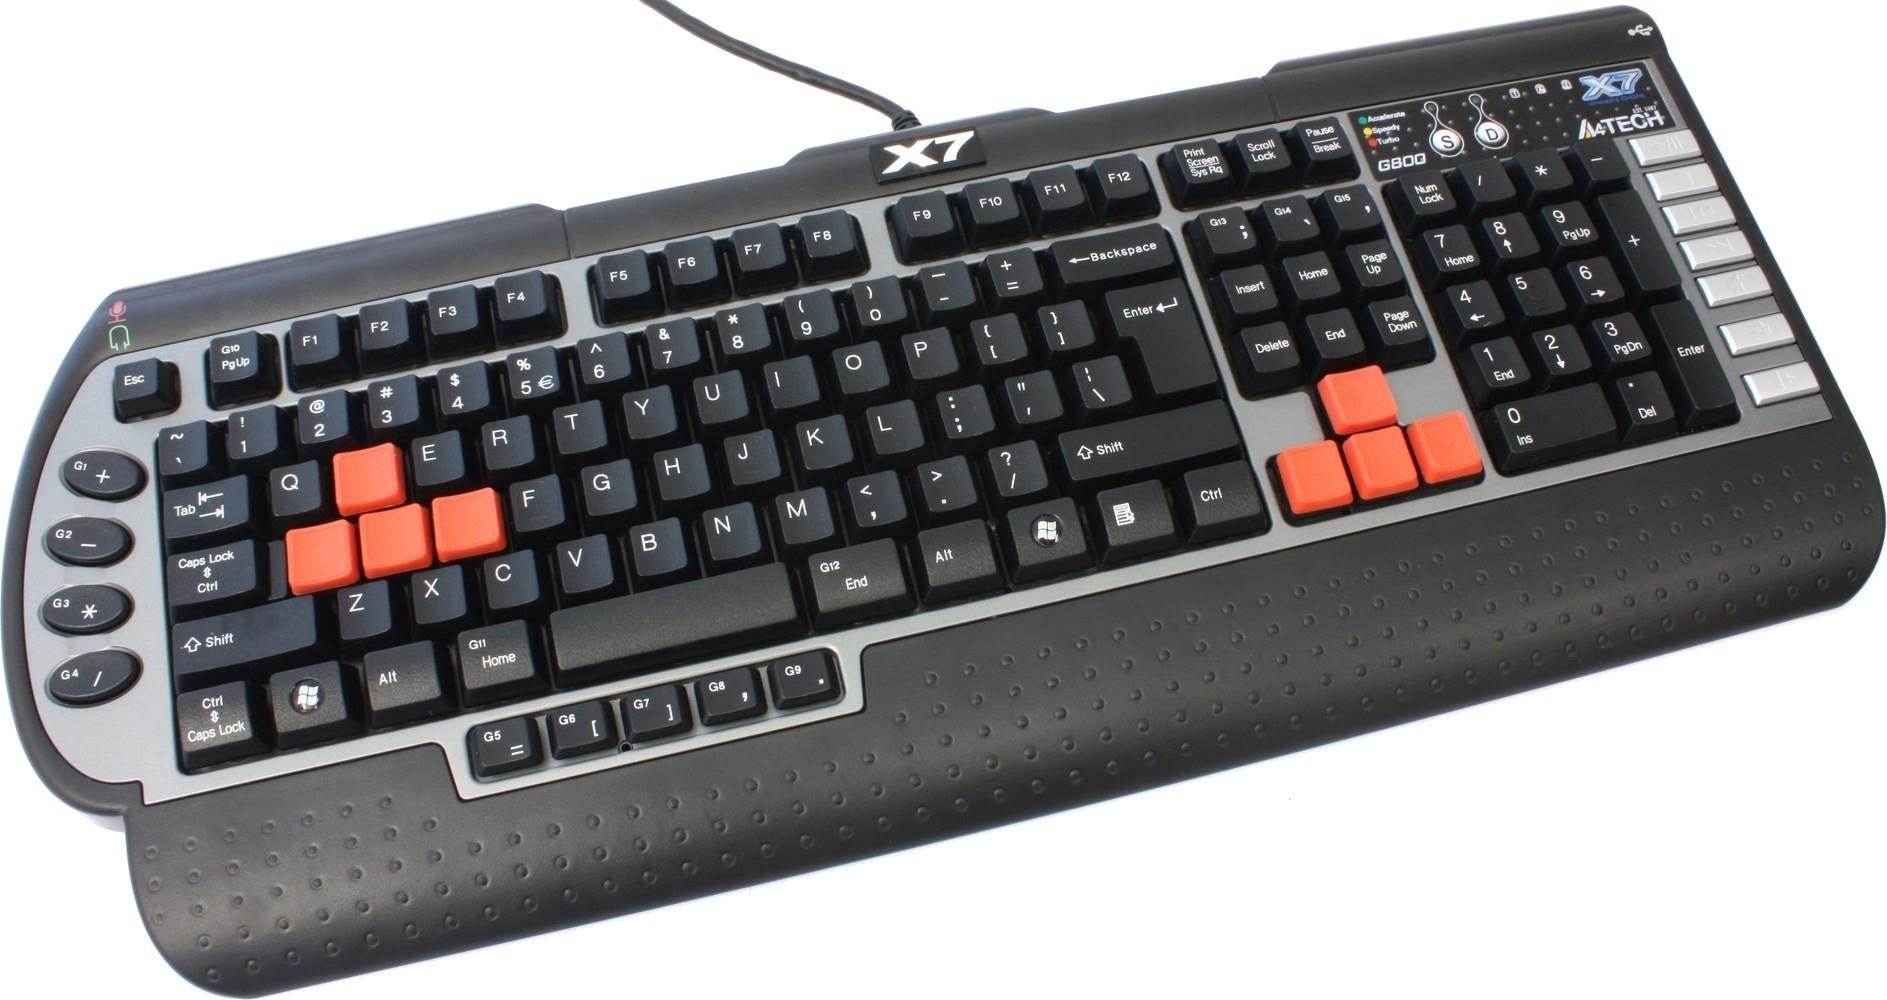 Скачать драйвера для клавиатуры X7 G800